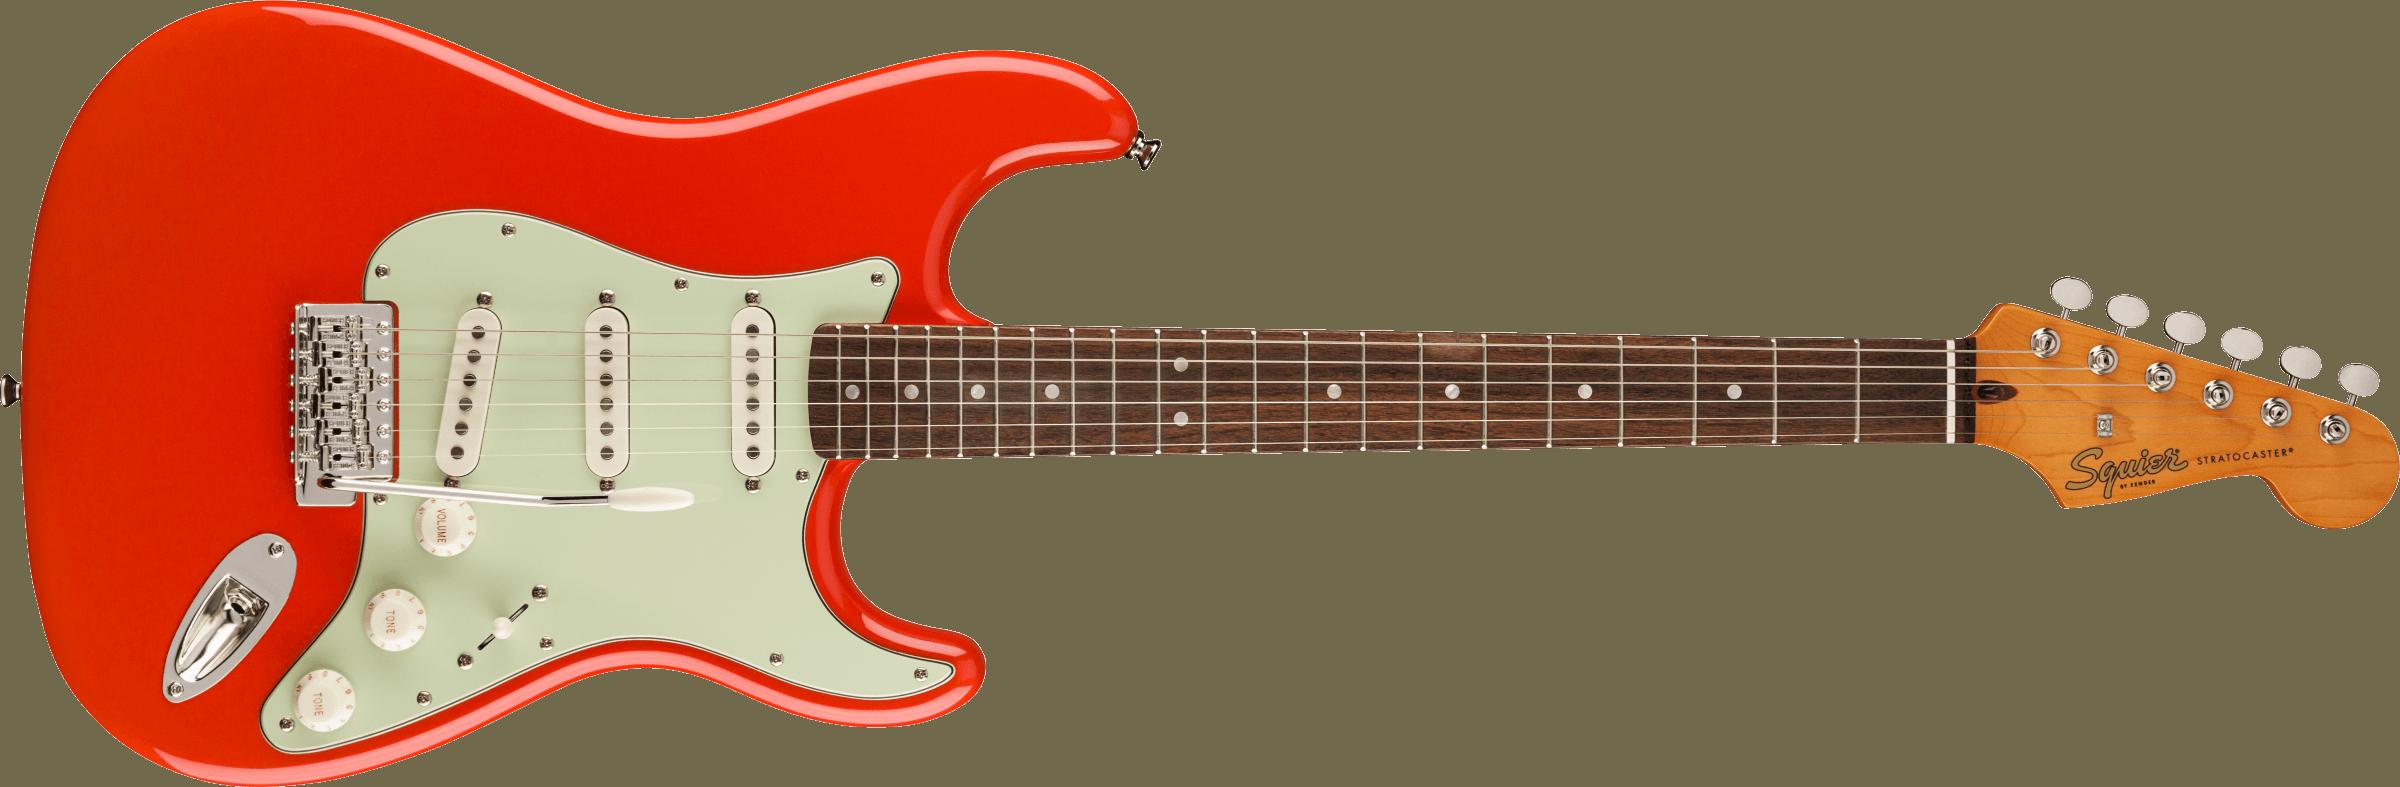 Squier Classic Vibe 60 Strat Fiesta Red Mint Pickguard